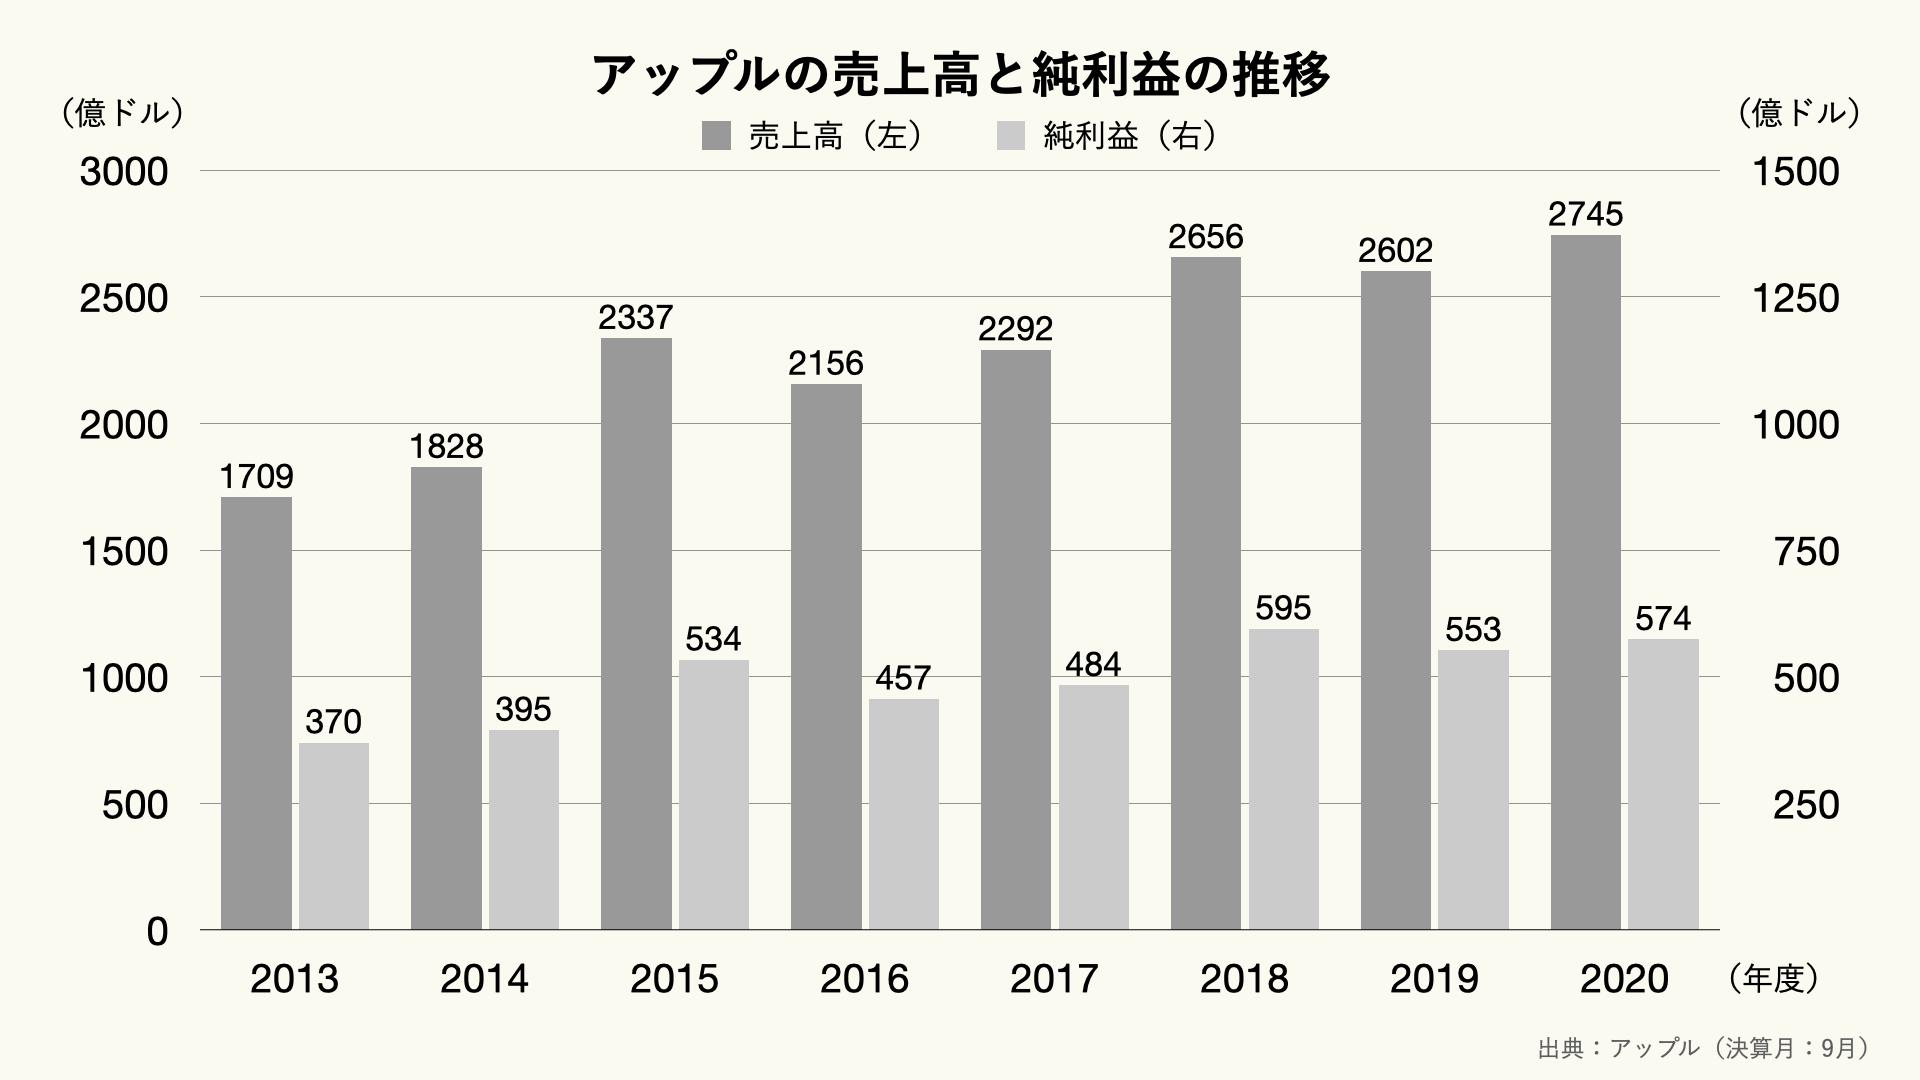 アップルの売上高の推移のグラフ